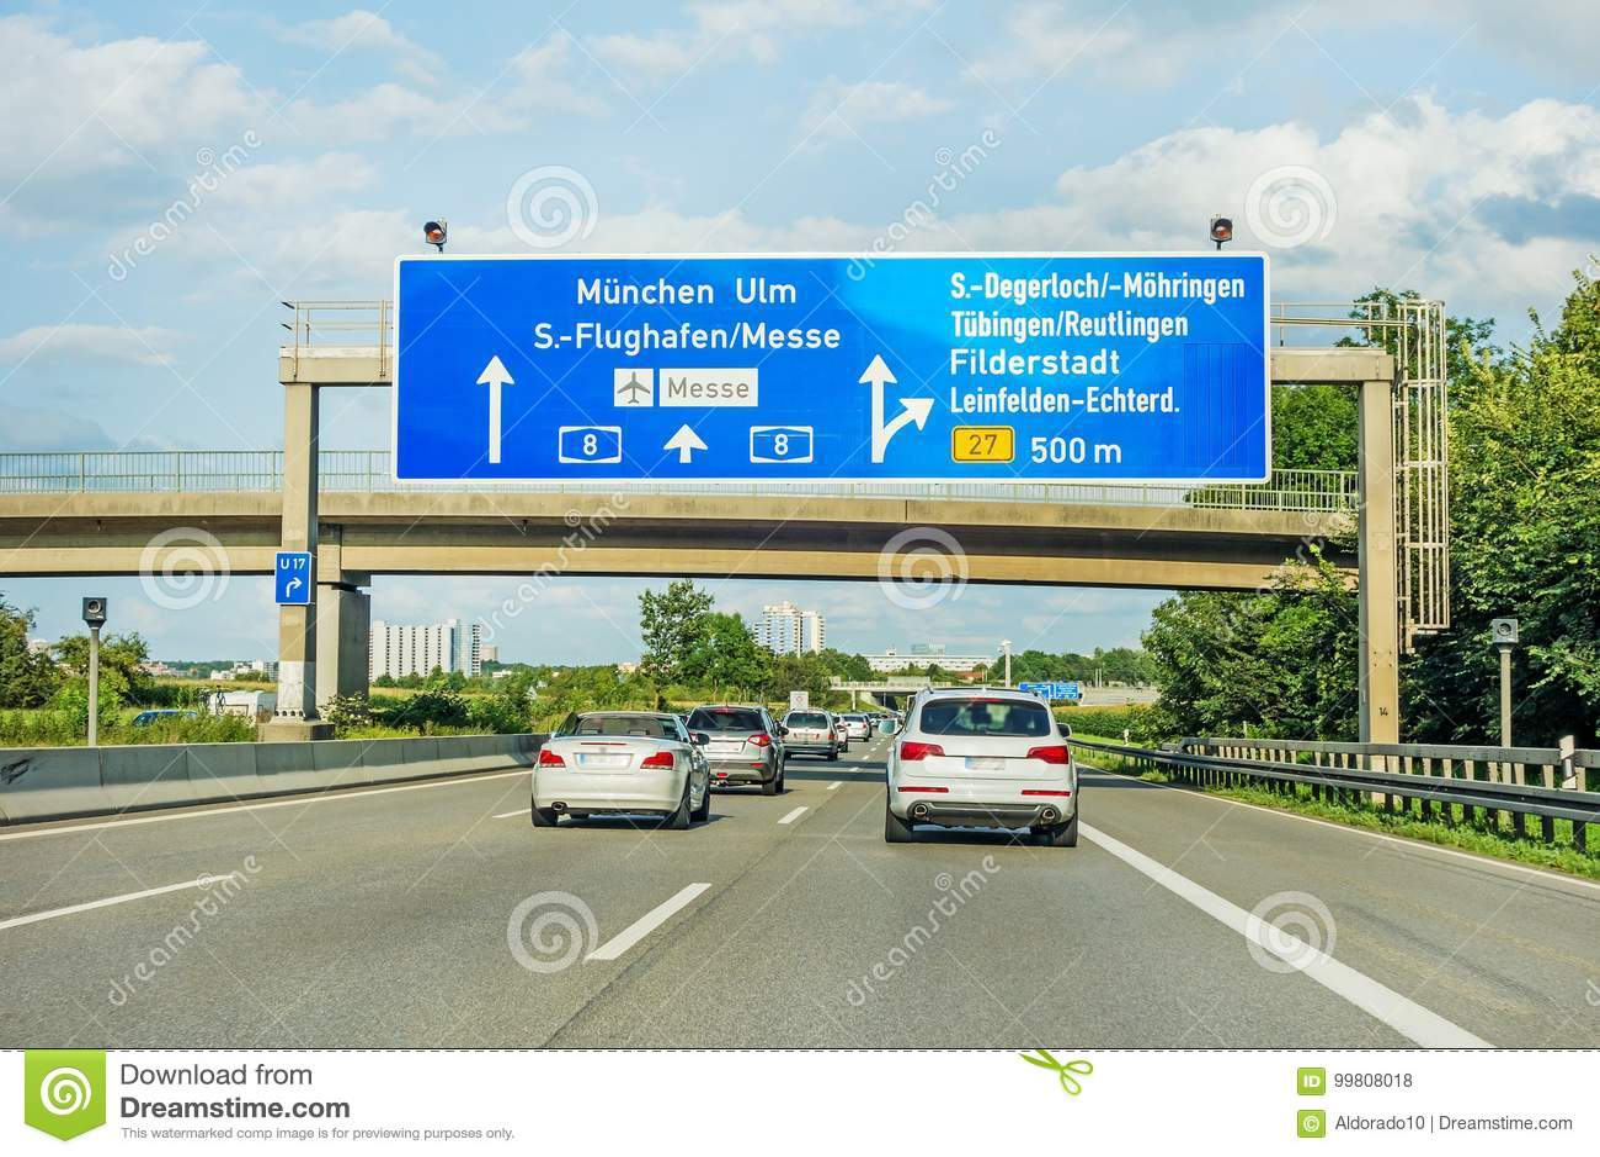 AutobahnVerkehrsschild auf Autobahn A8, Stuttgart/München/Ulm